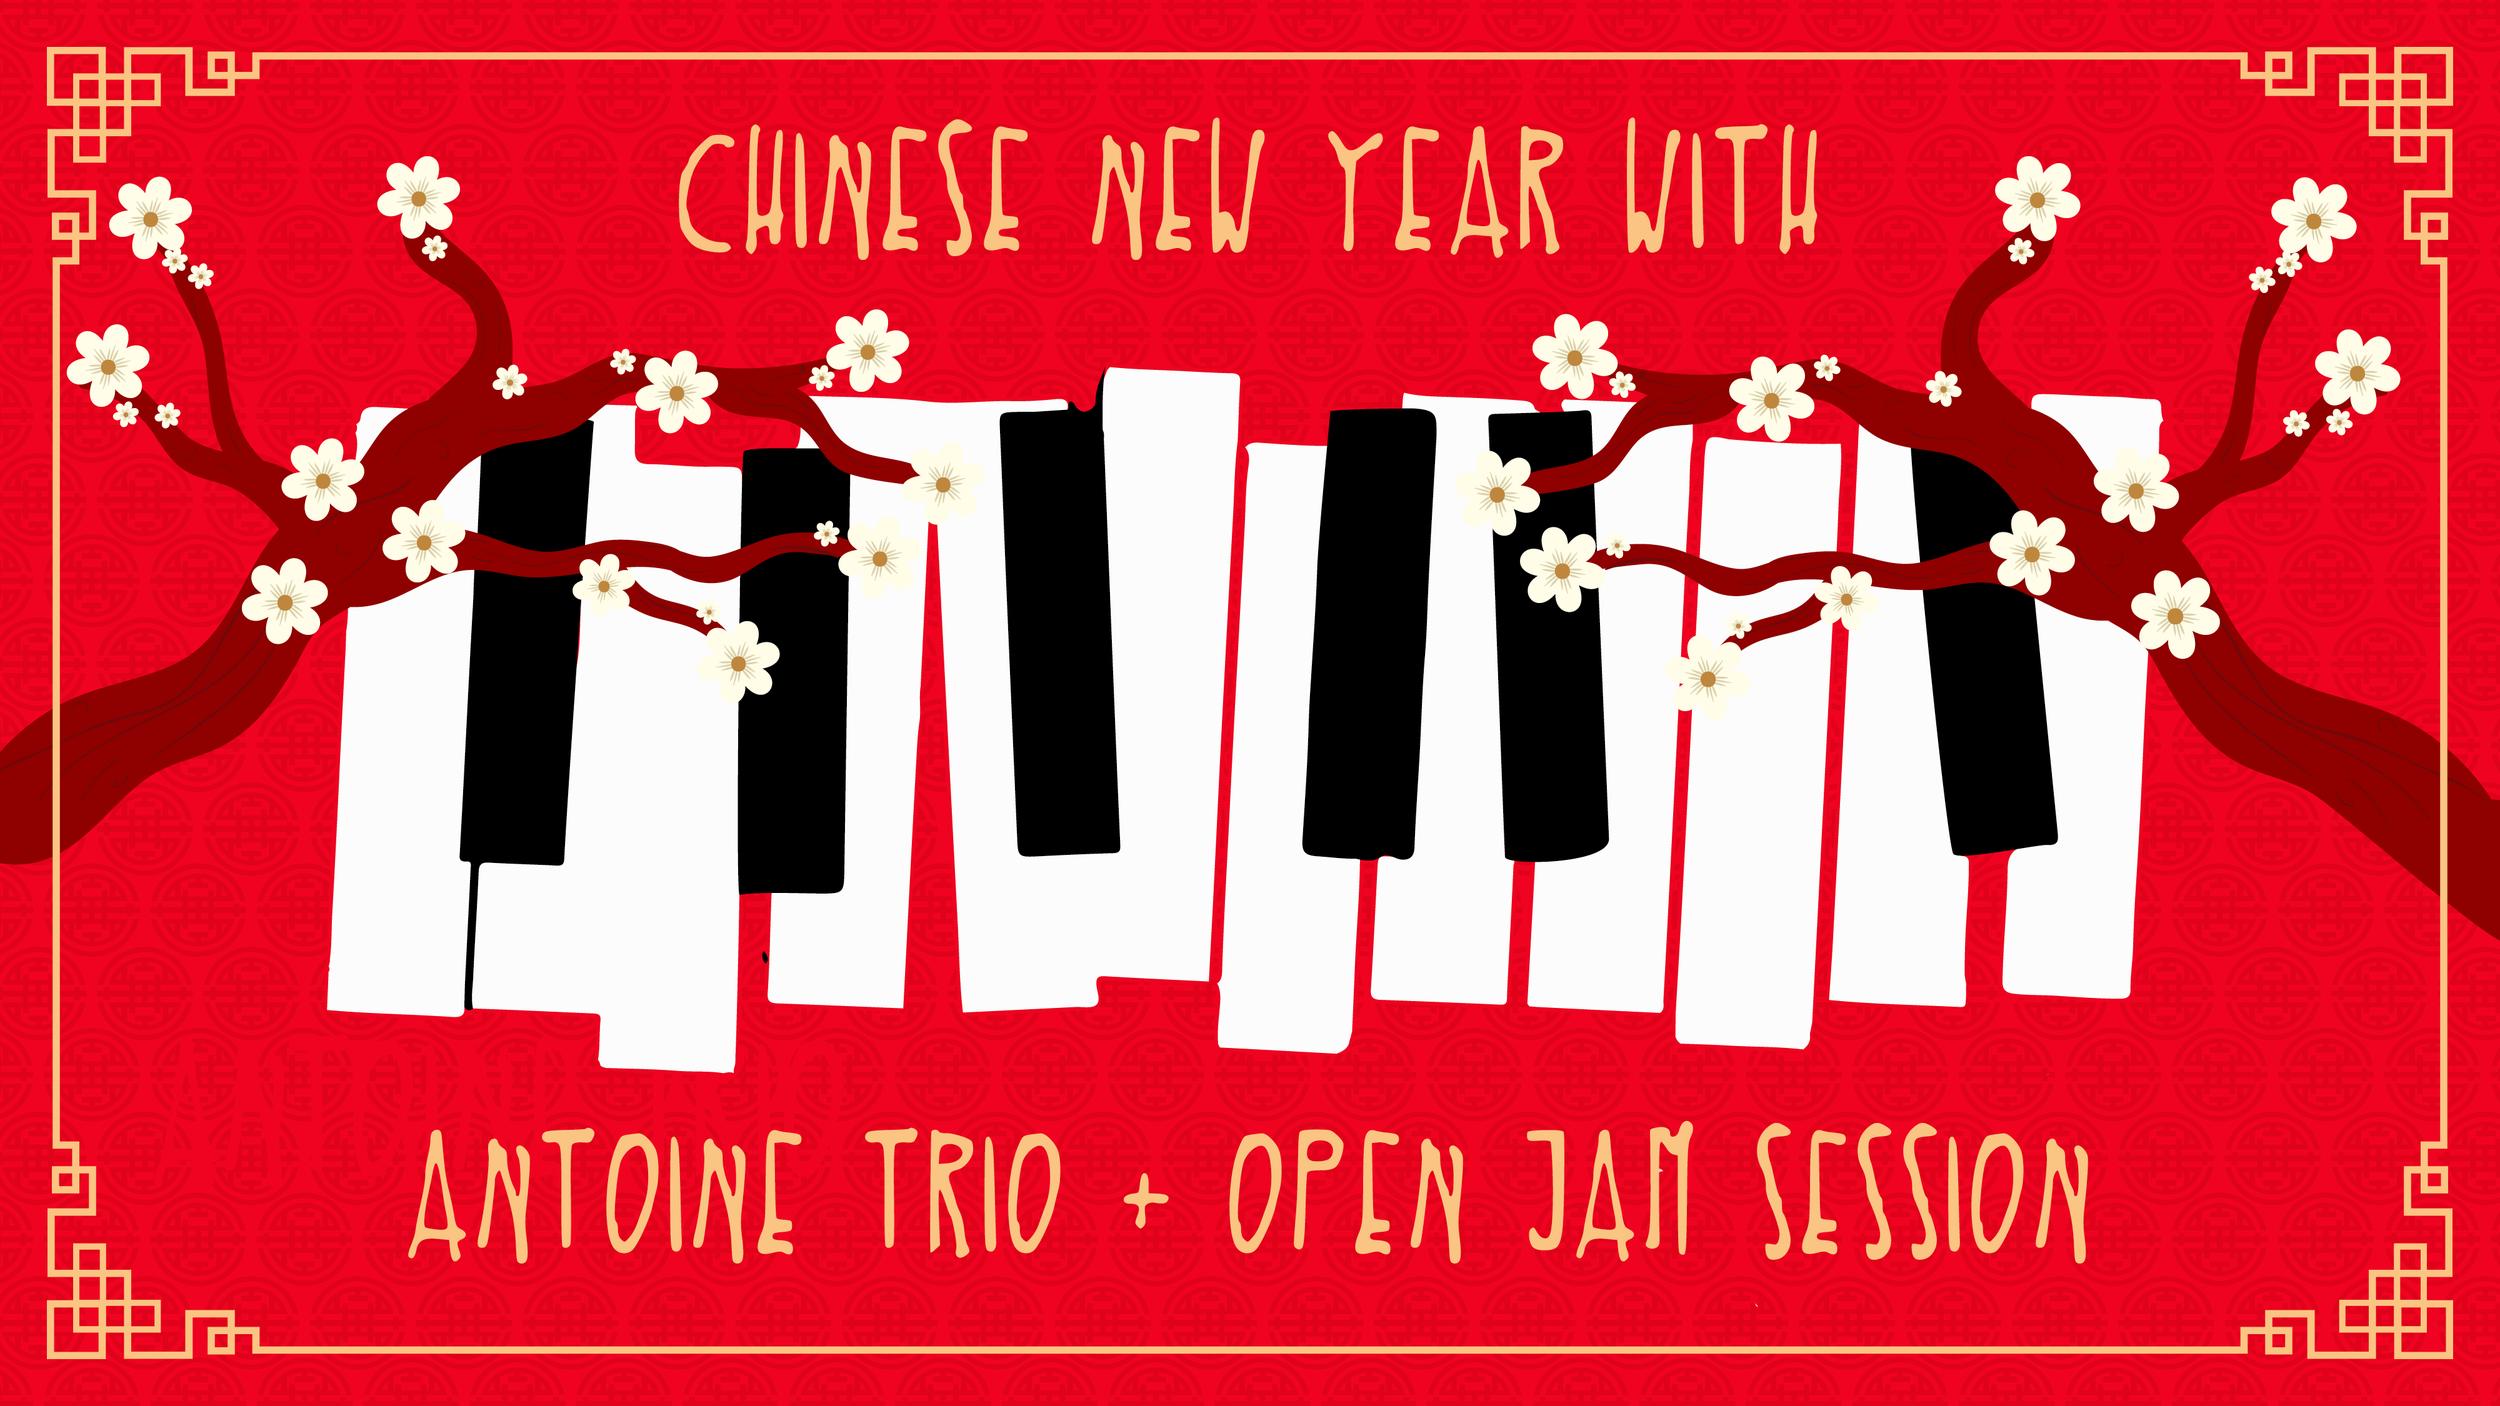 zibiru-italian-restaurant-chinese-new-year-live-jazz-antoine-trio